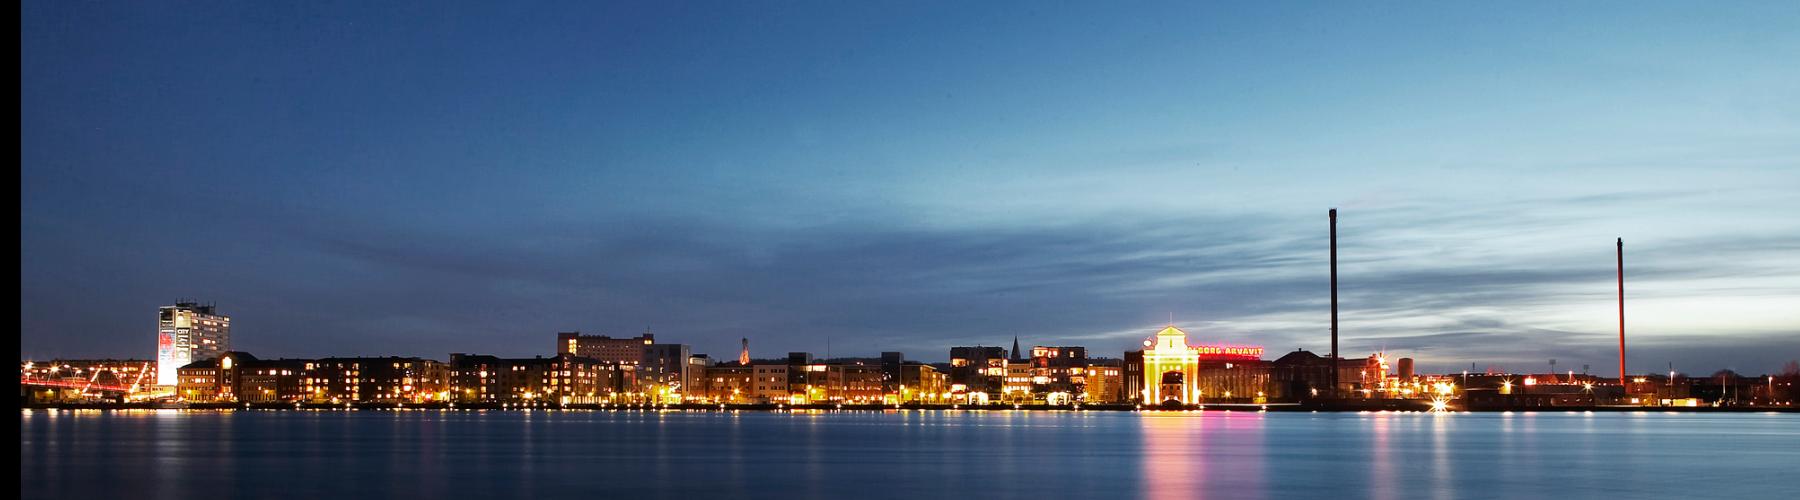 Aalborg Kommune cover image